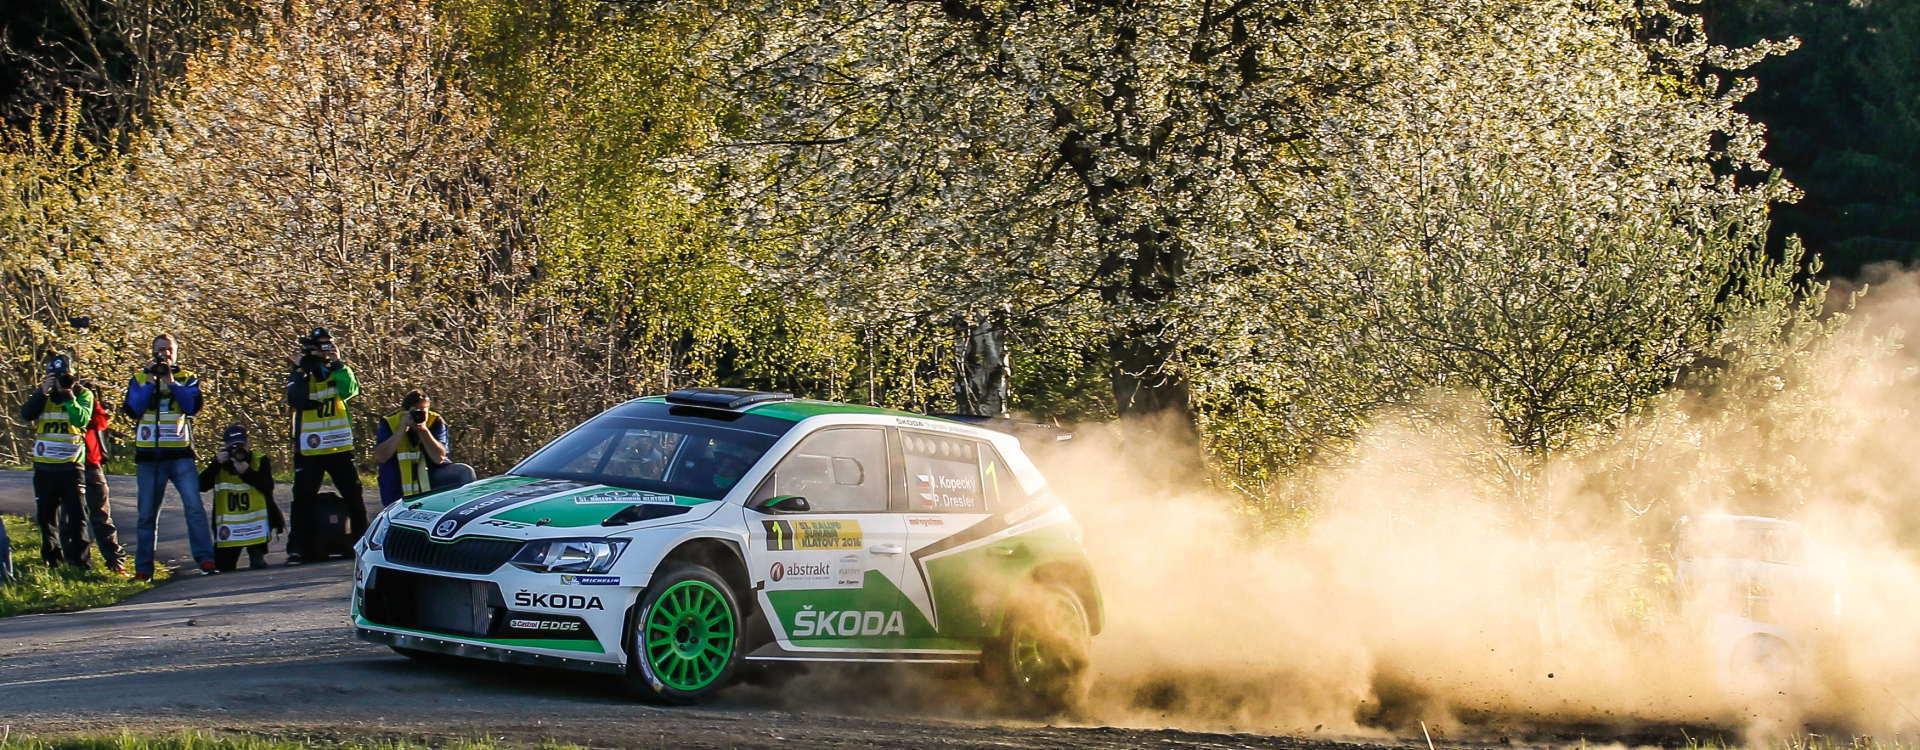 Tým ŠKODA Motorsport zahájil domácí sezonu dvojnásobným vítězstvím